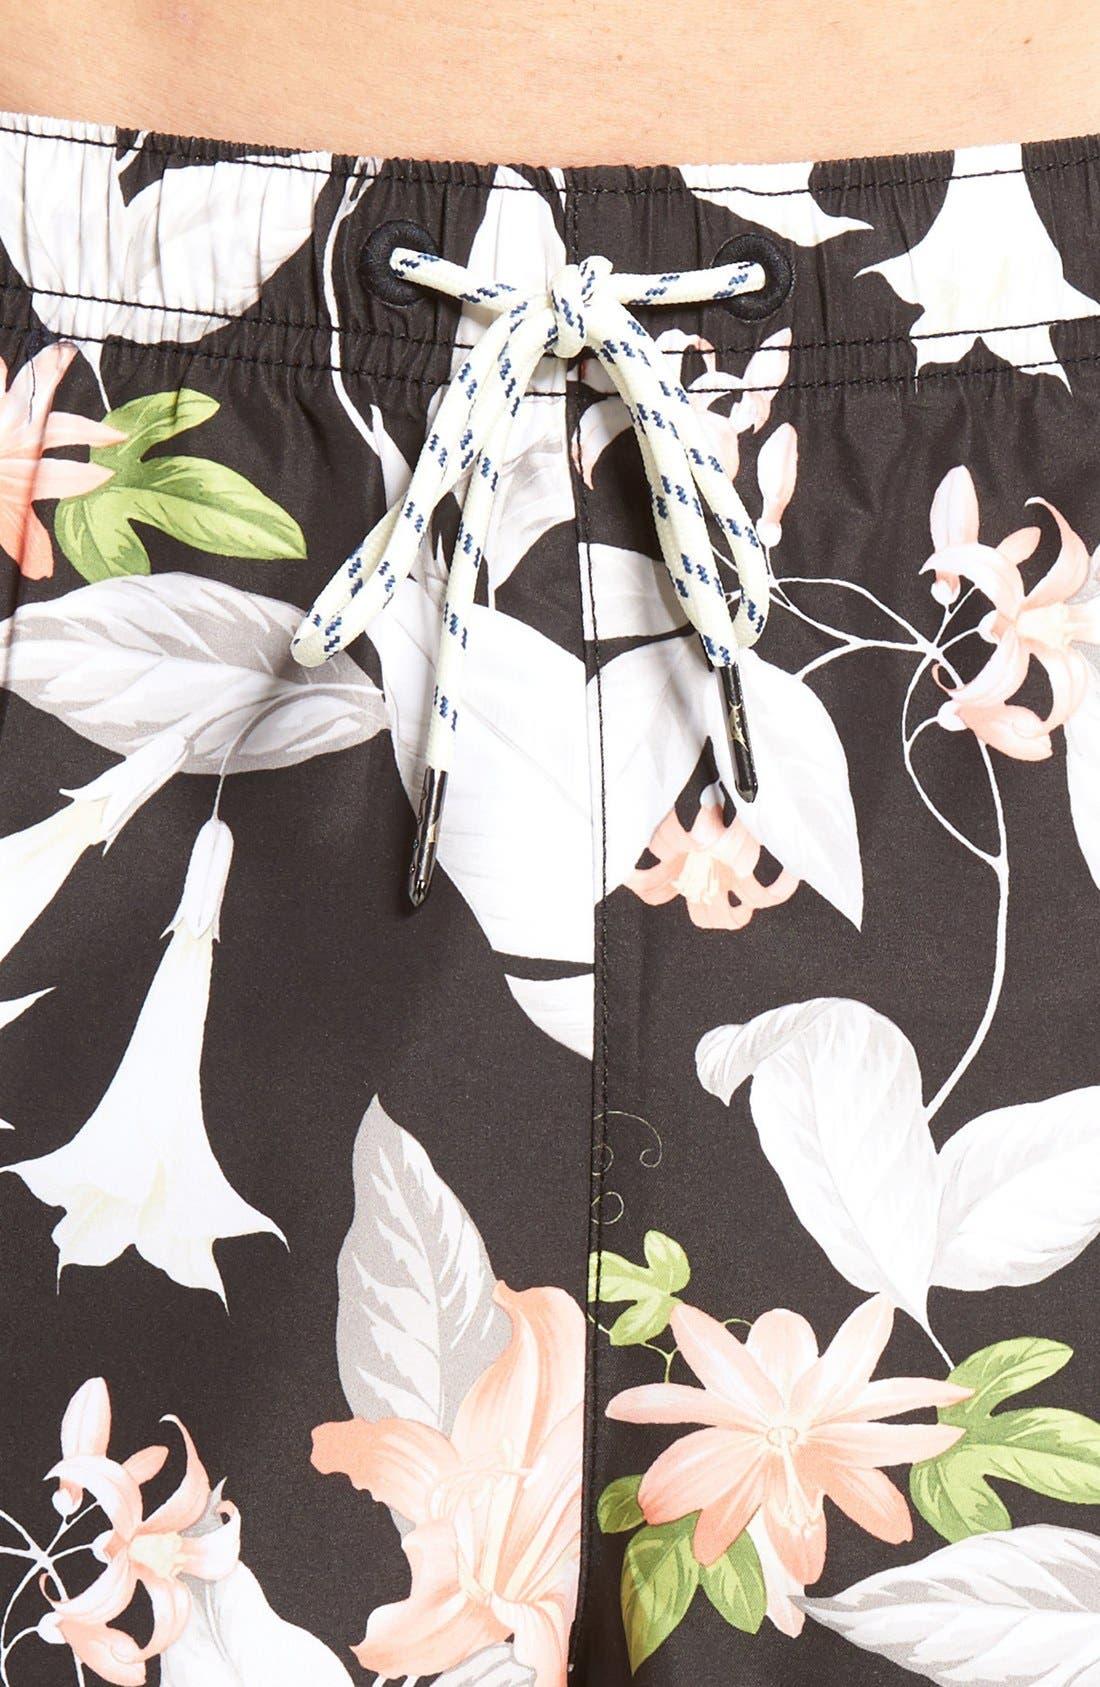 Naples Brego Blooms Swim Trunks,                             Alternate thumbnail 3, color,                             001